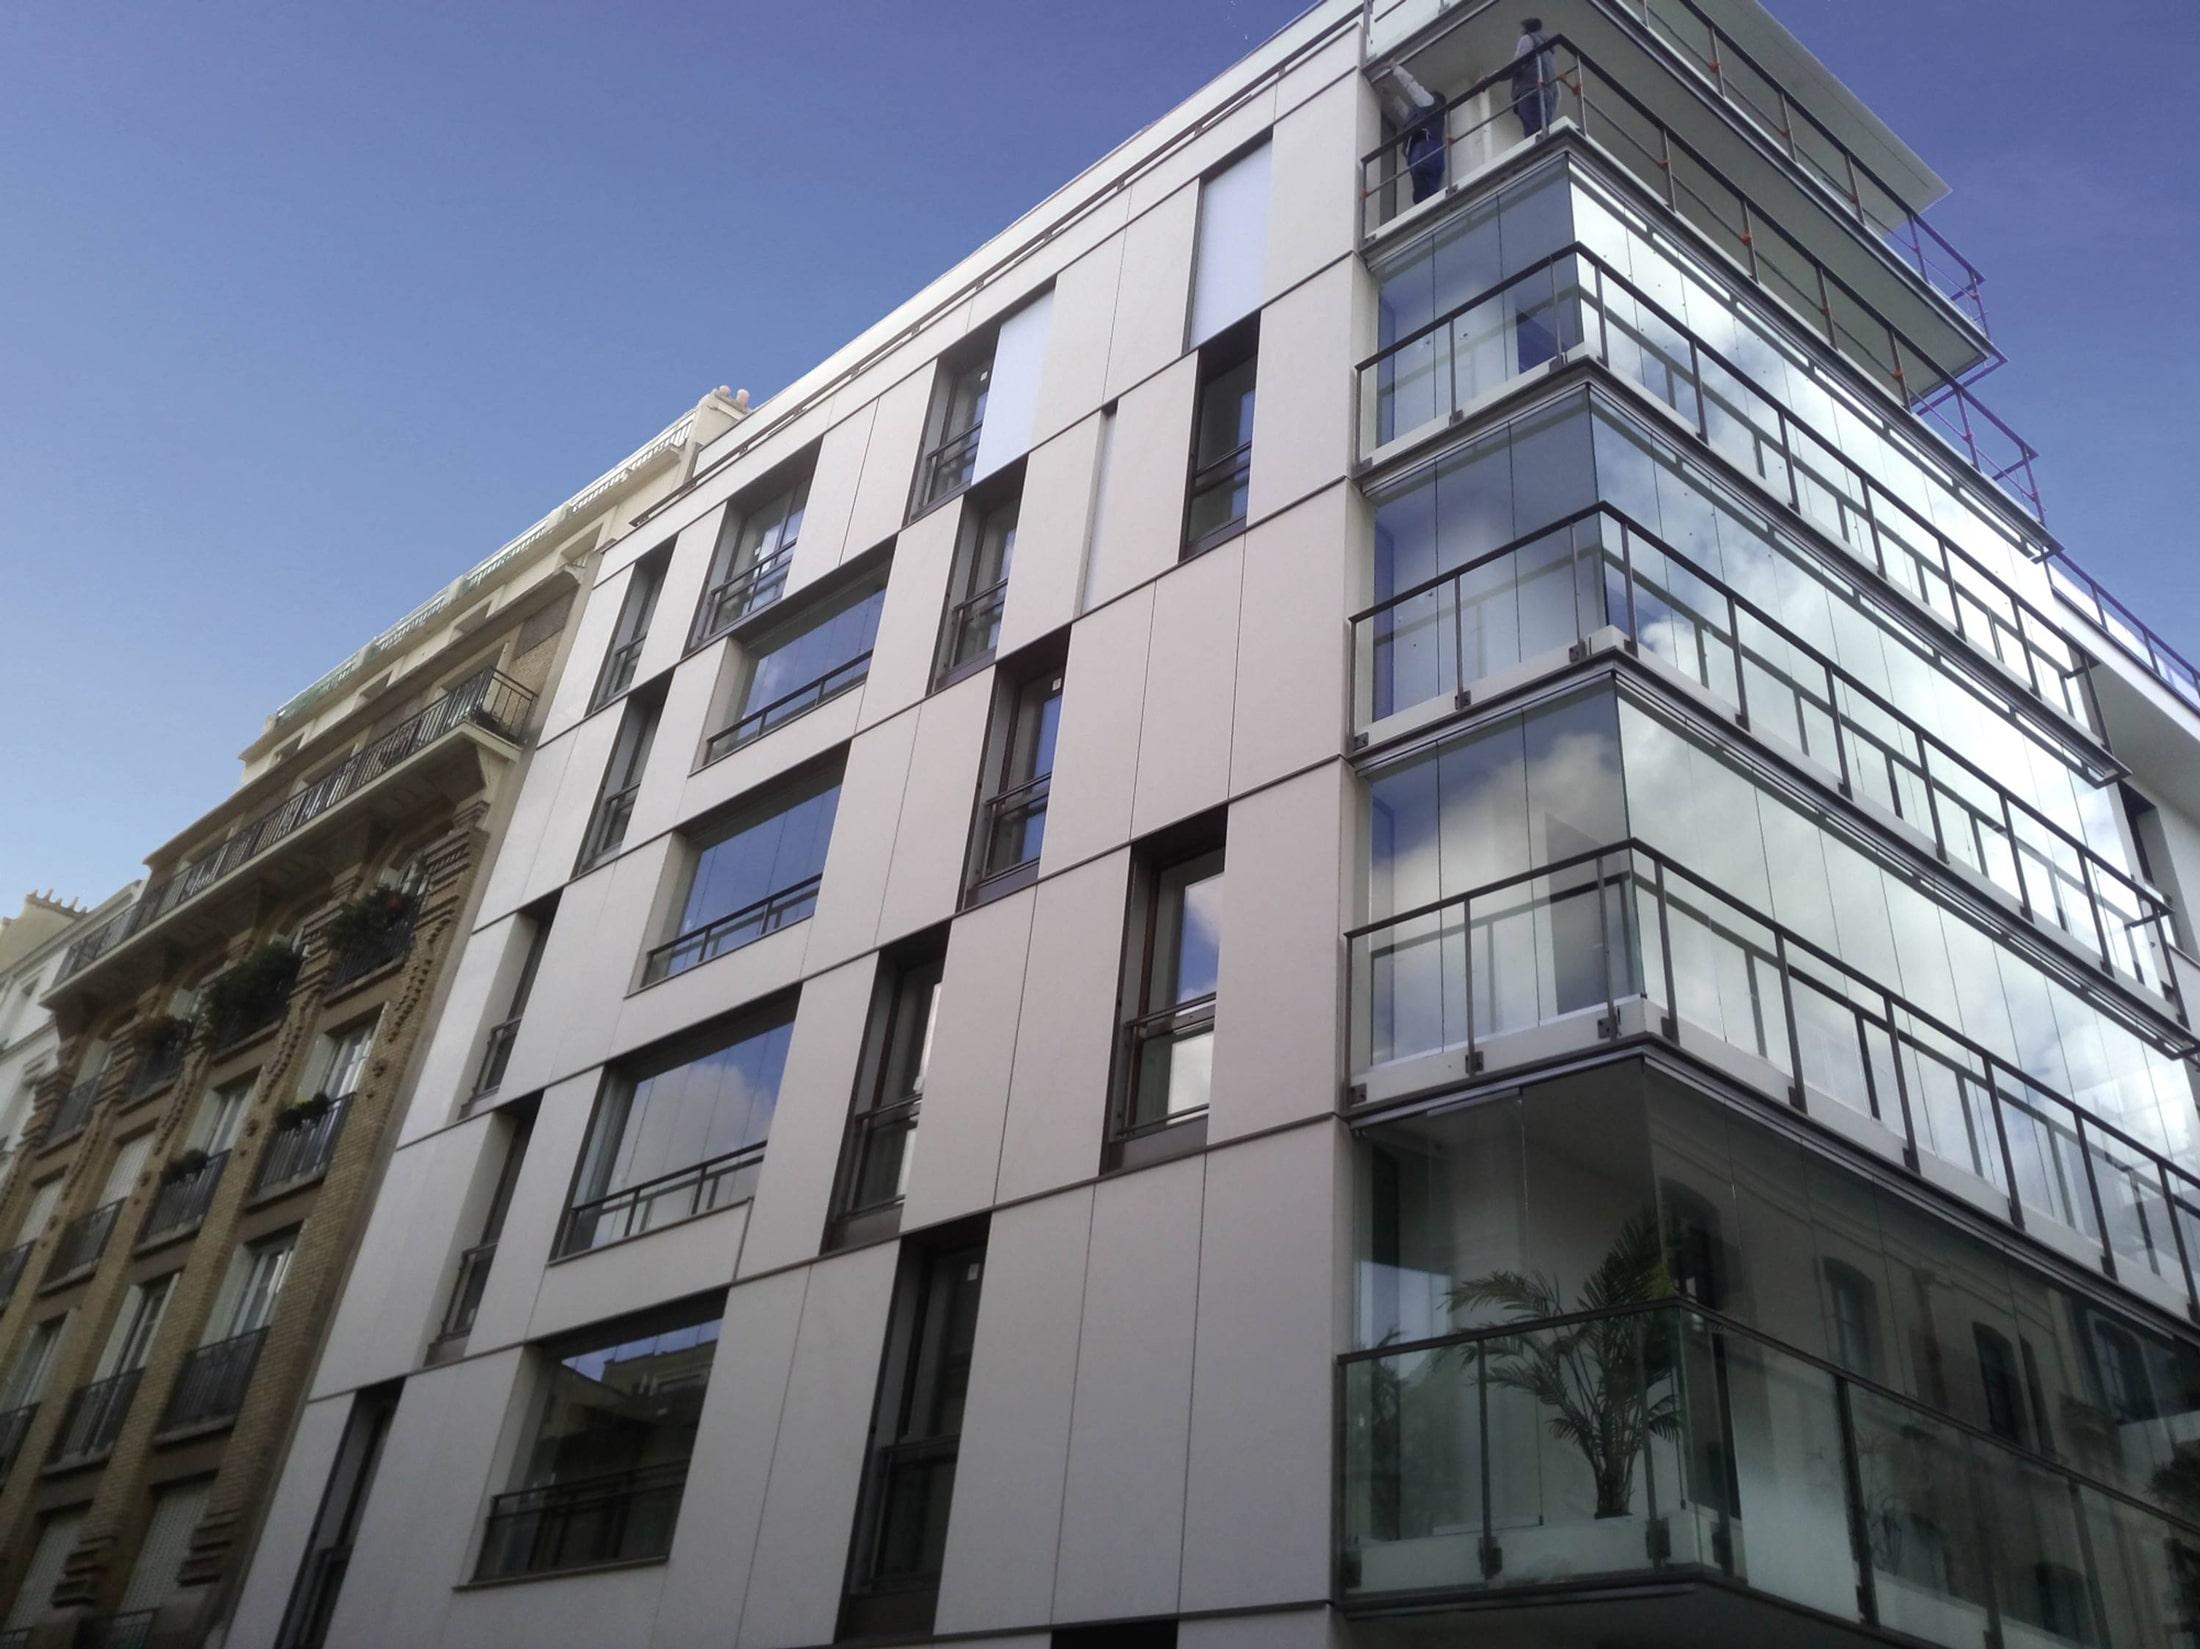 Transparenter Windschutz für Balkon zum Öffnen